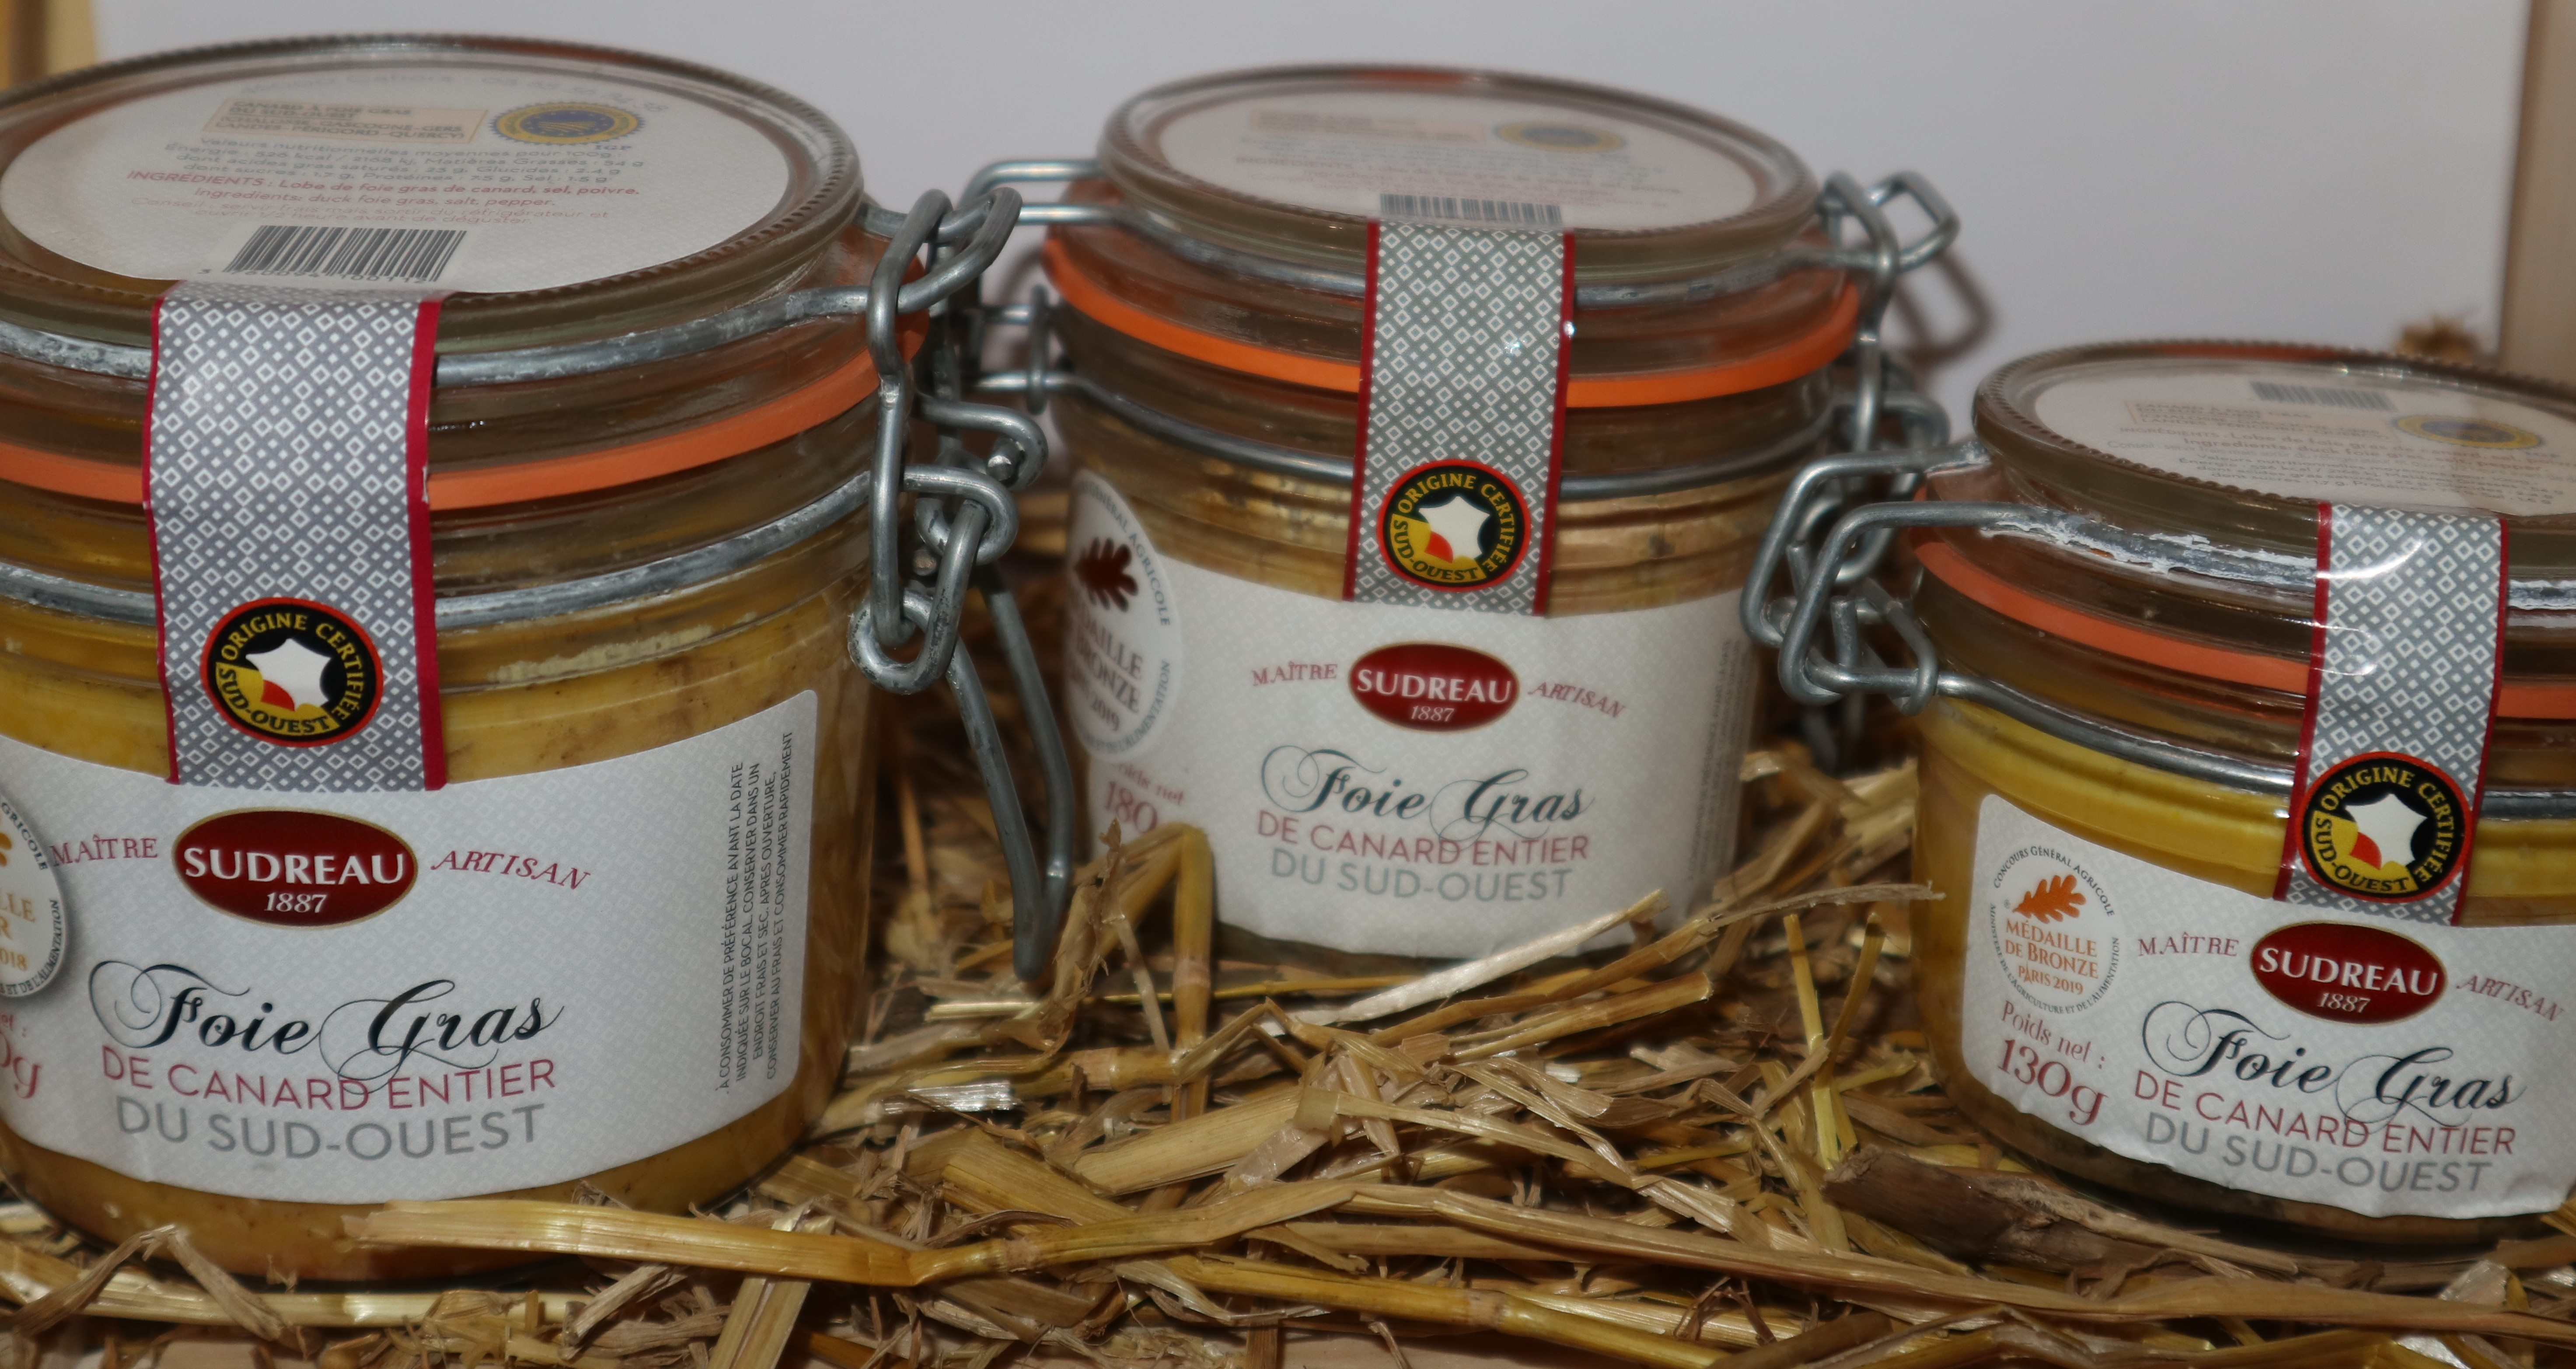 Foie Gras de Canard entier du Sud Ouest IGP Sudreau